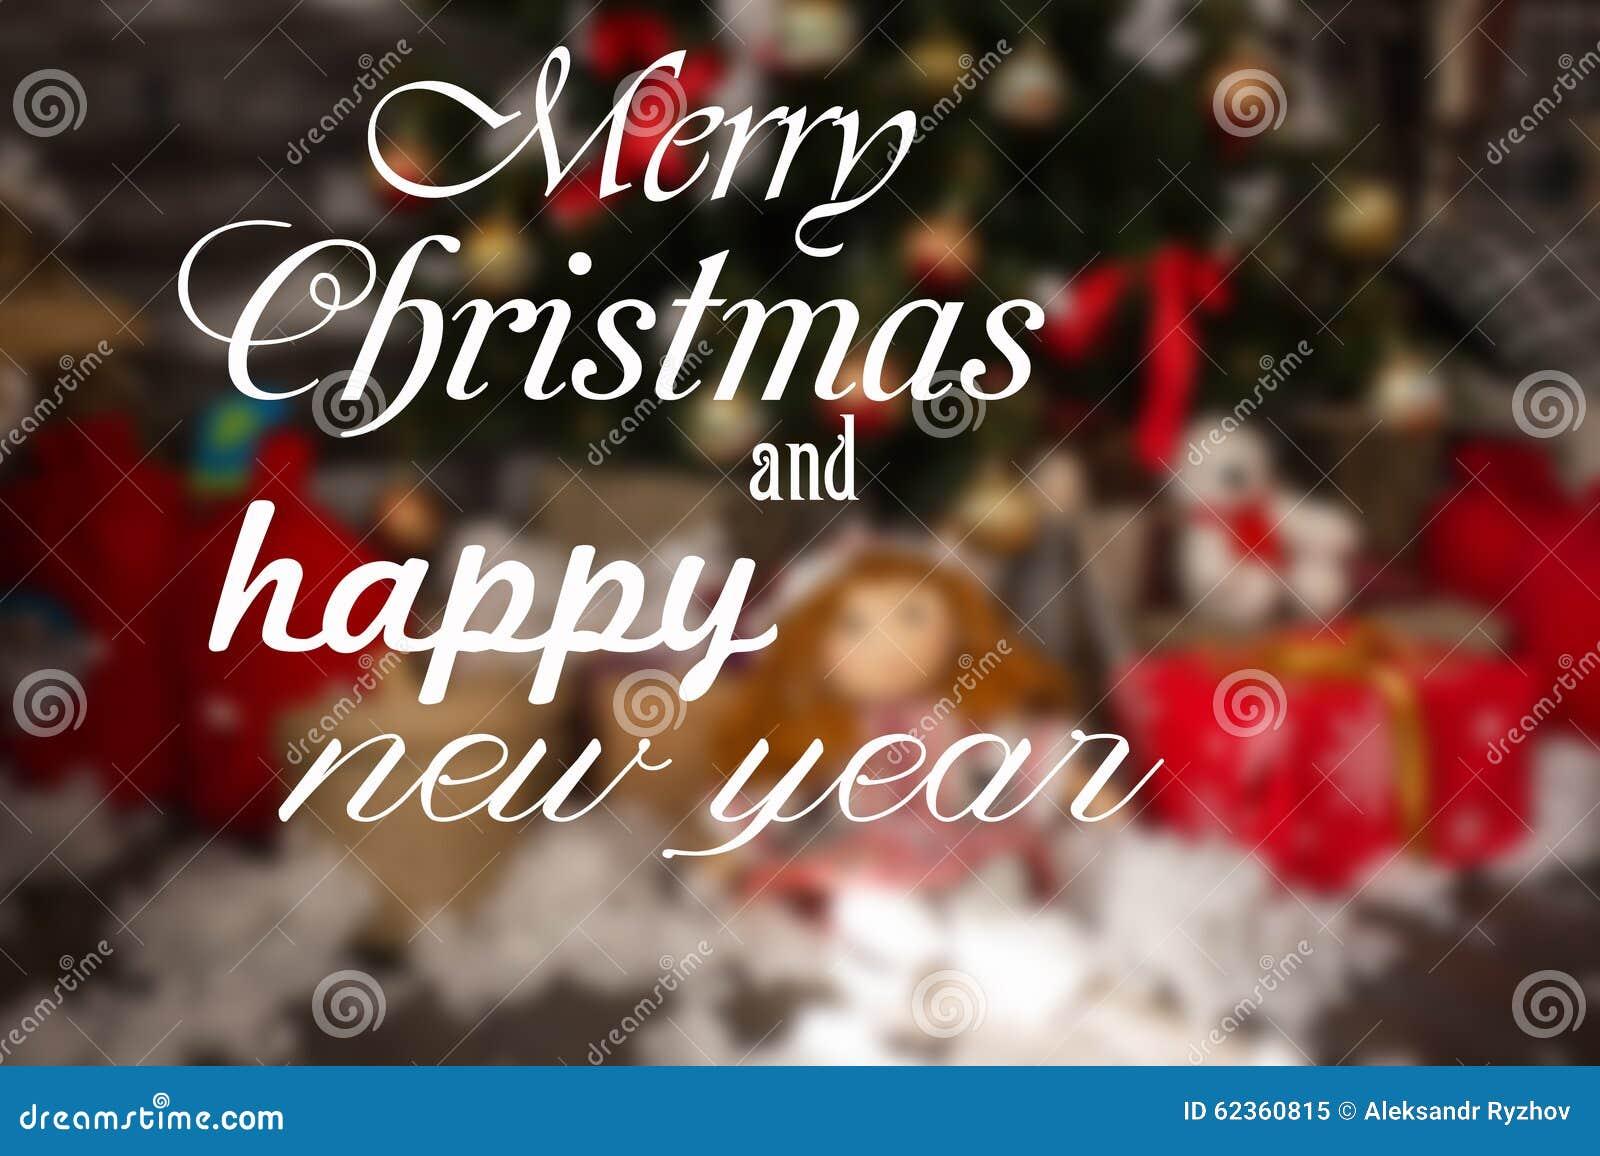 Heiraten Sie Weihnachts- Und Guten Rutsch Ins Neue Jahr-Wünsche ...